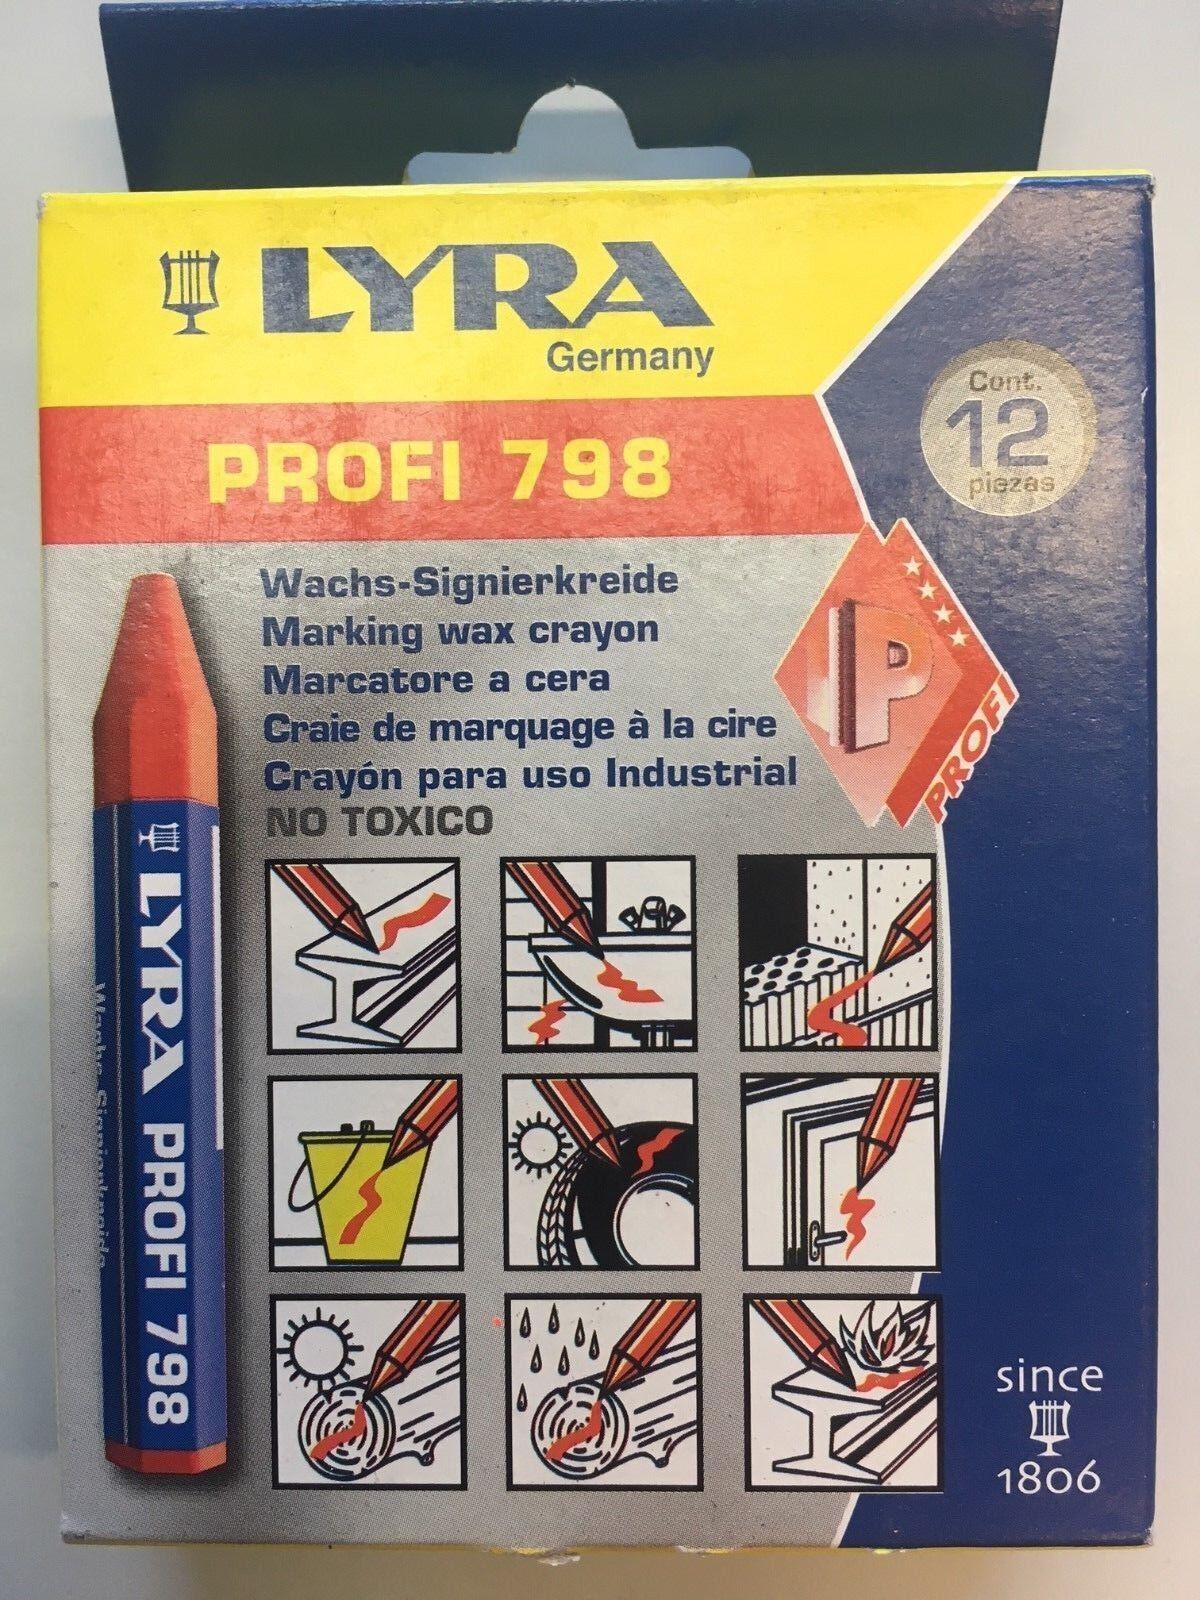 Lyra 798 Profi WachsSignierkreide rot VE 12 Stück. Wachskreide Markierung